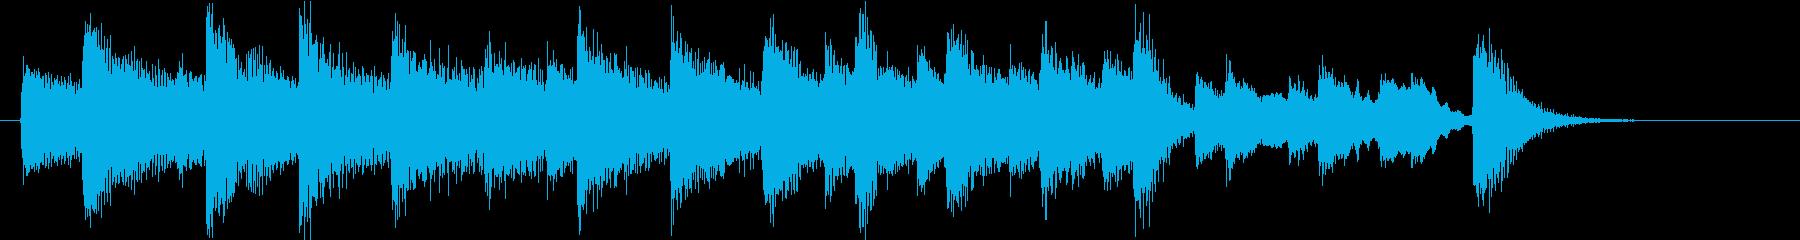 お正月・一月一日モチーフピアノジングルDの再生済みの波形